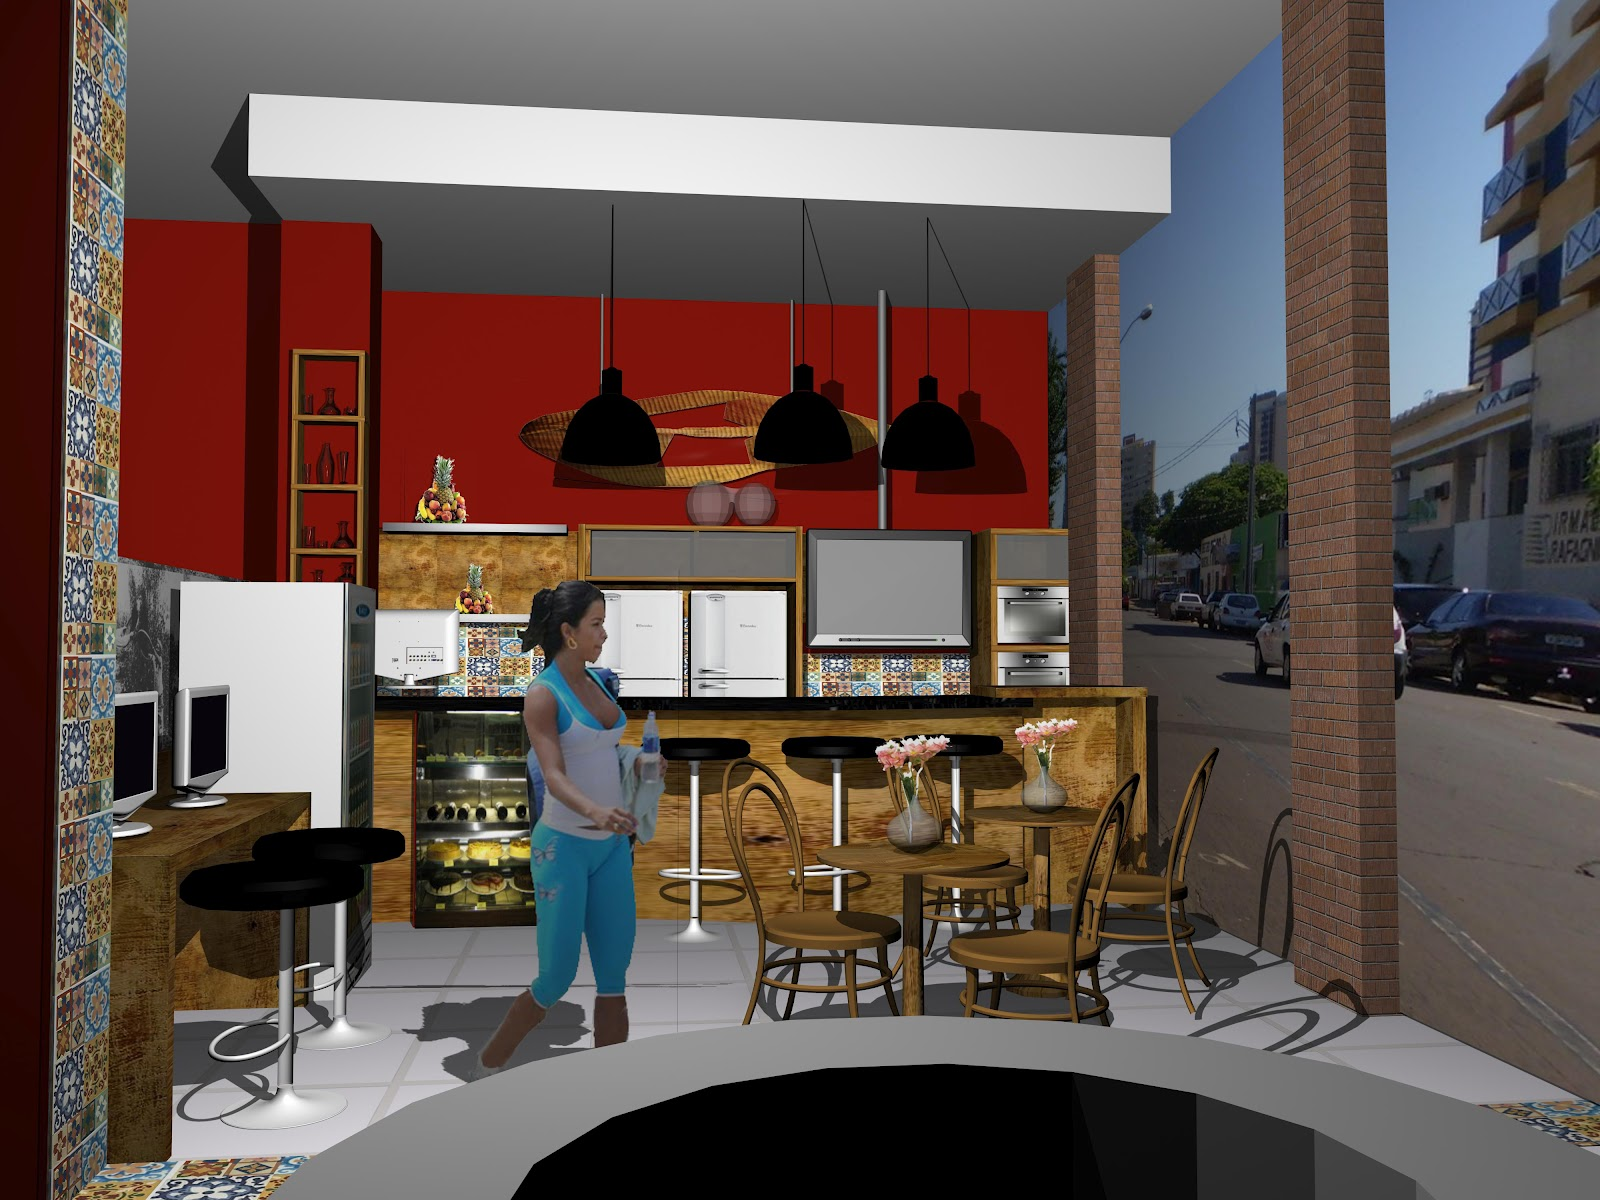 Oficina de Arquitetura: Projetos de Interiores #6E2E1F 1600 1200